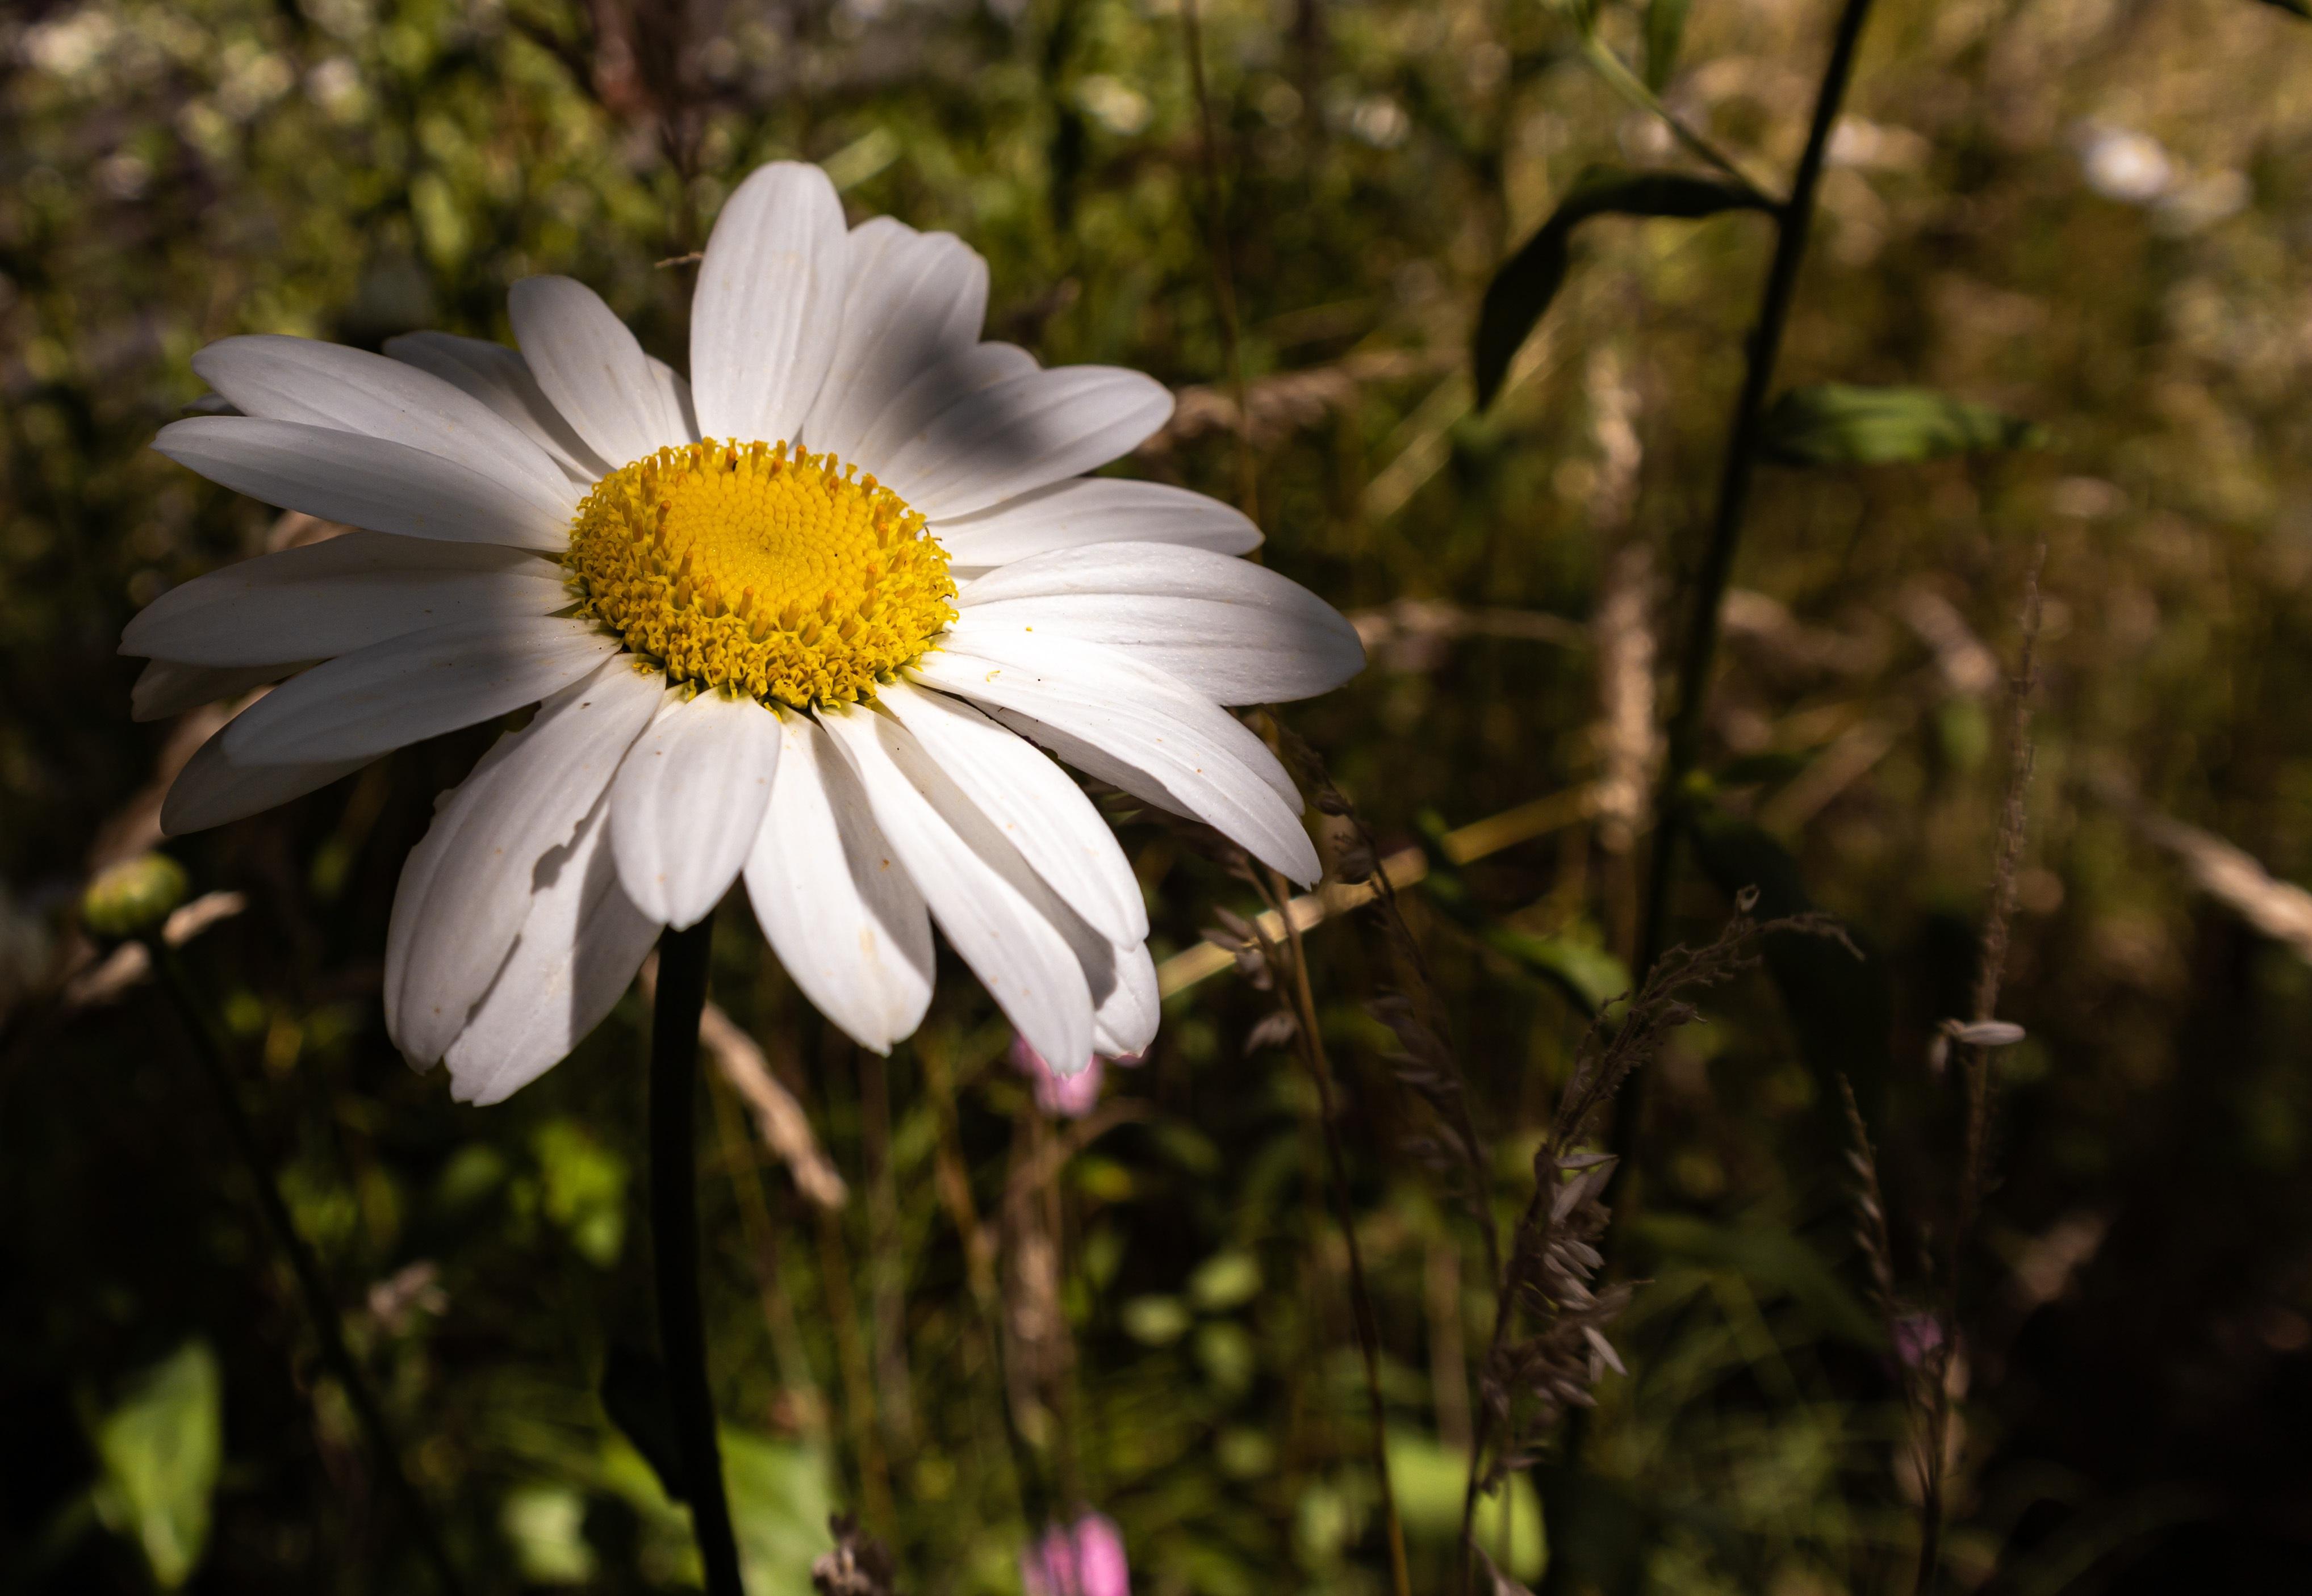 Фотографии Размытый фон Цветы Ромашки Крупным планом 4071x2811 боке цветок ромашка вблизи